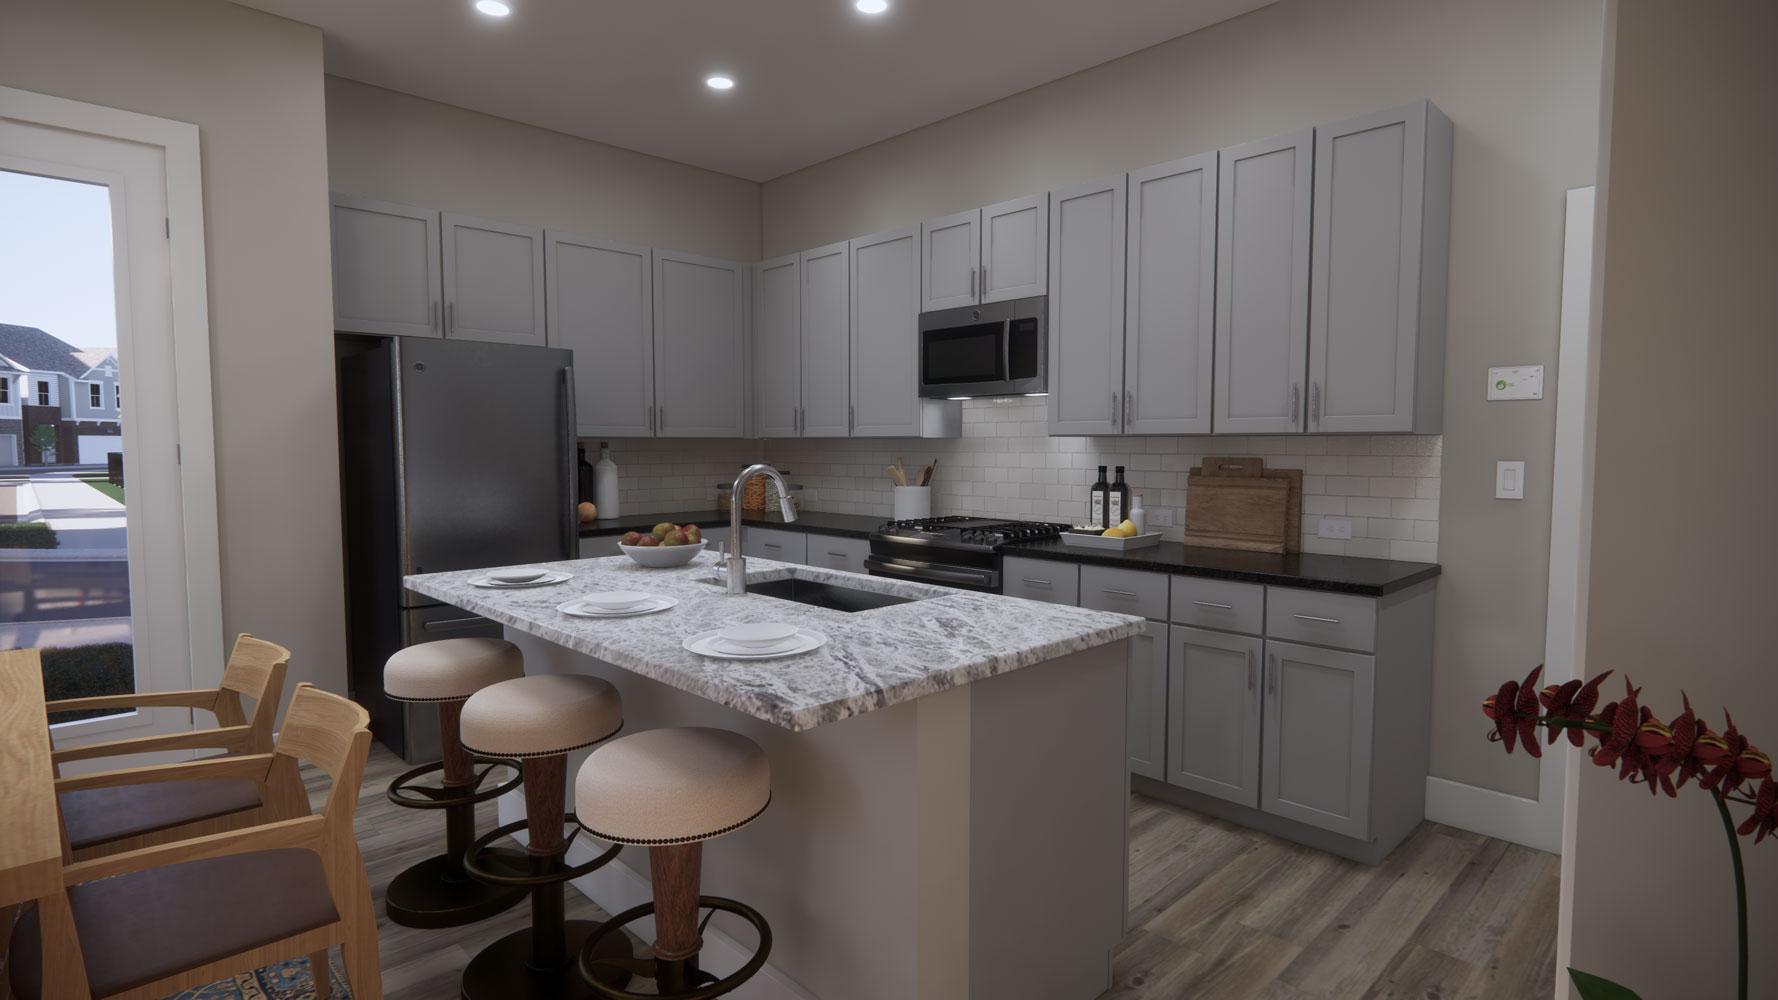 Modern Kitchen at Echelon at Reverchon Bluffs in Dallas, Texas